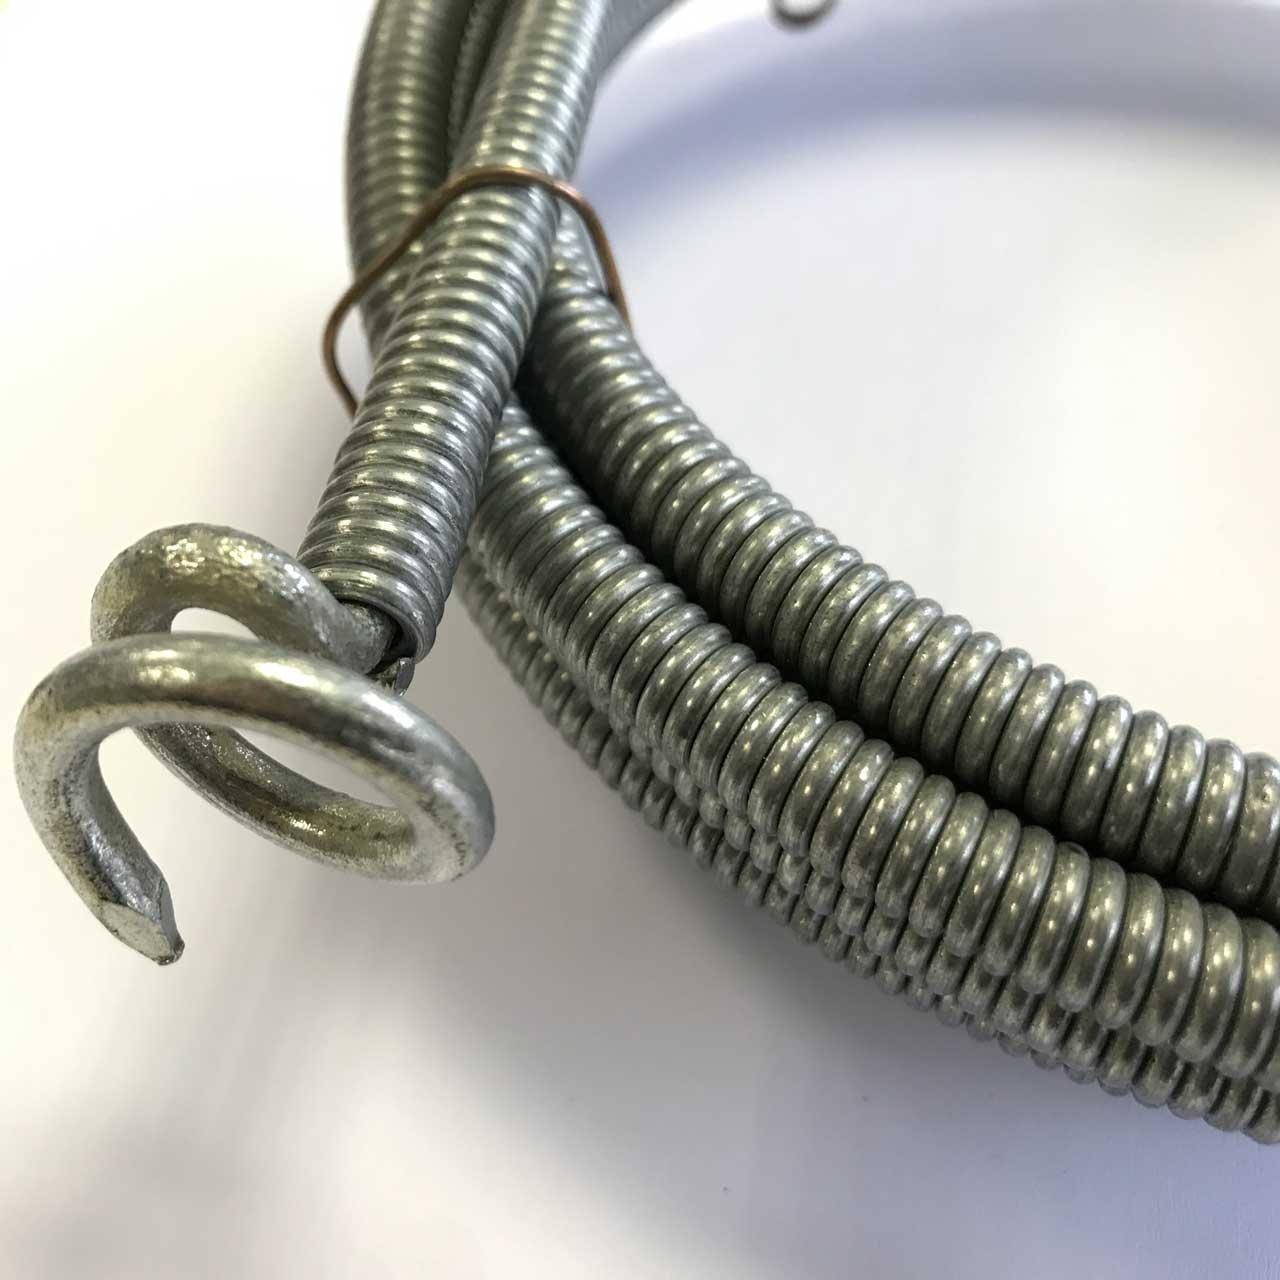 Kragen Zapfen Rundes Rohr Abdeckung Rosette Platte Schlauch Metall Flansch